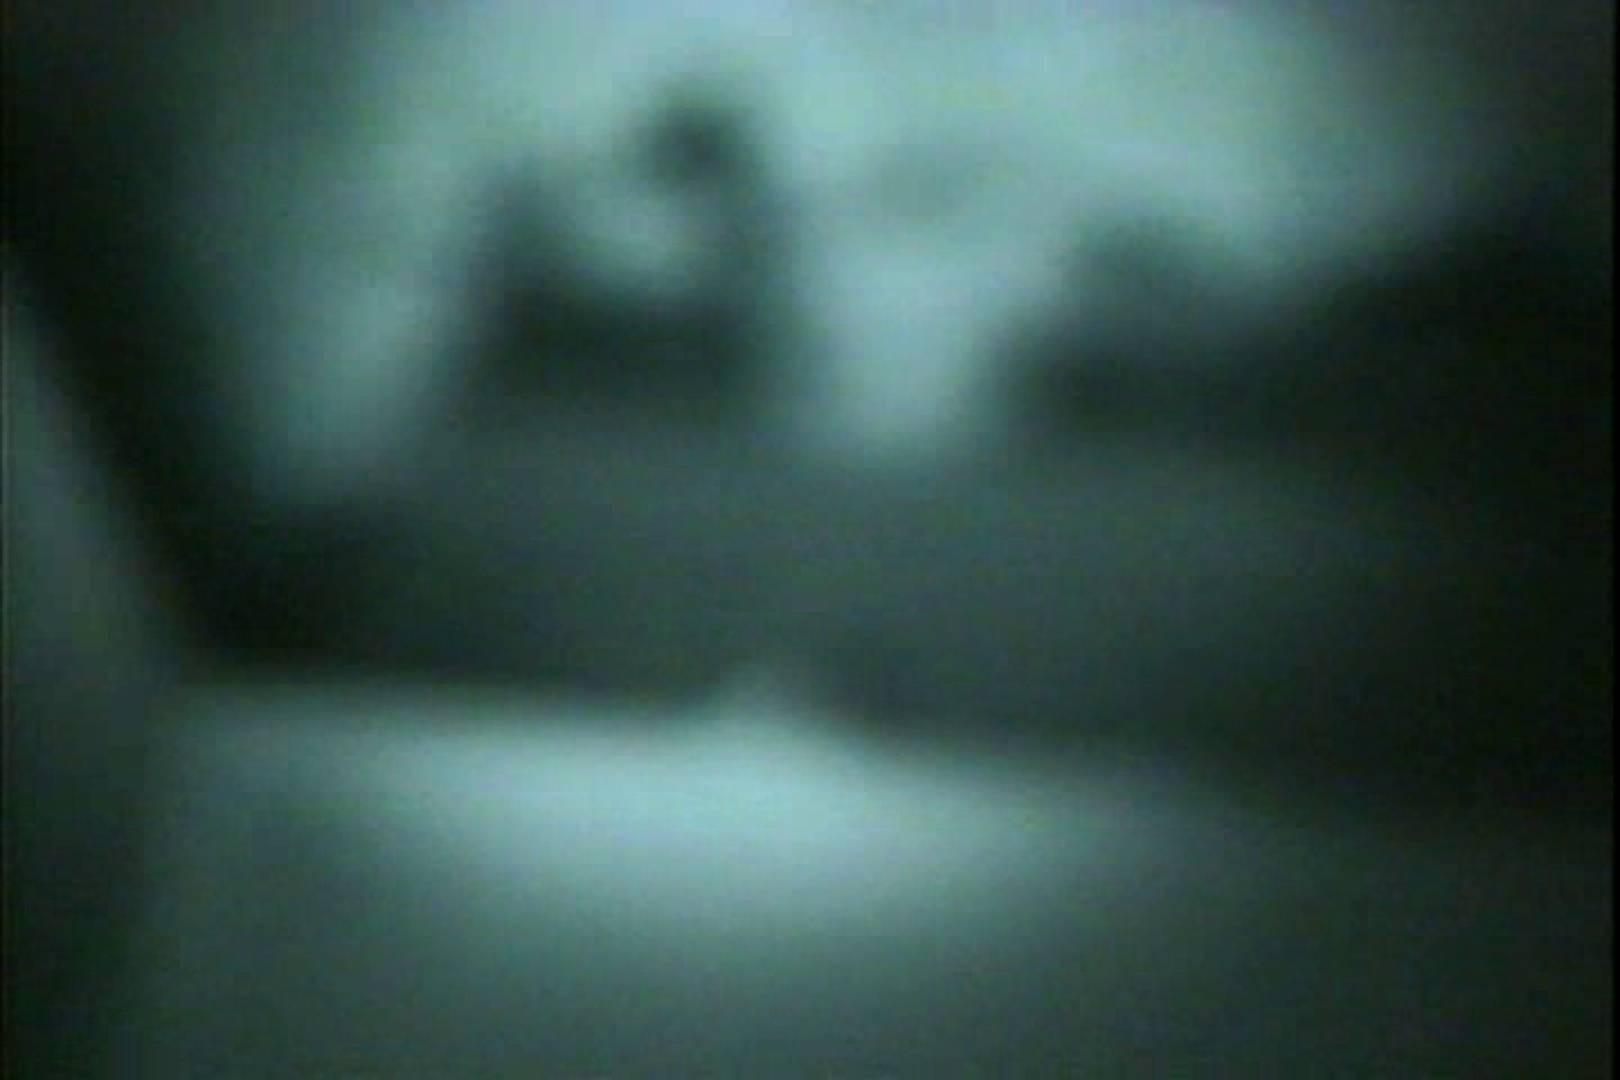 闇の仕掛け人 無修正版 Vol.19 0 | 0  66画像 53